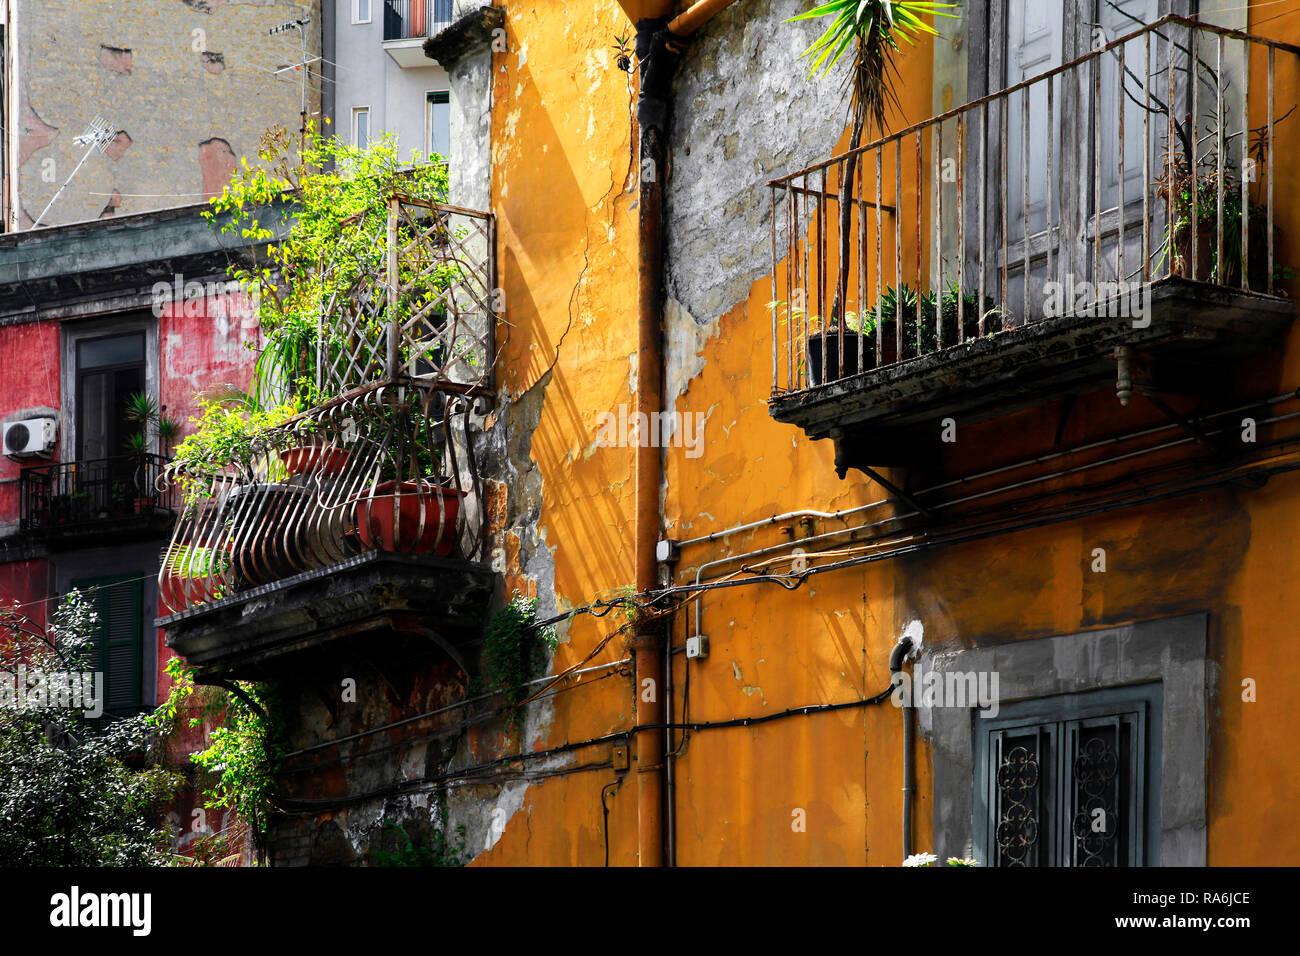 Verwitterte Hausfassade in der Altstadt, Neapel, Kampanien, Italien - Stock Image